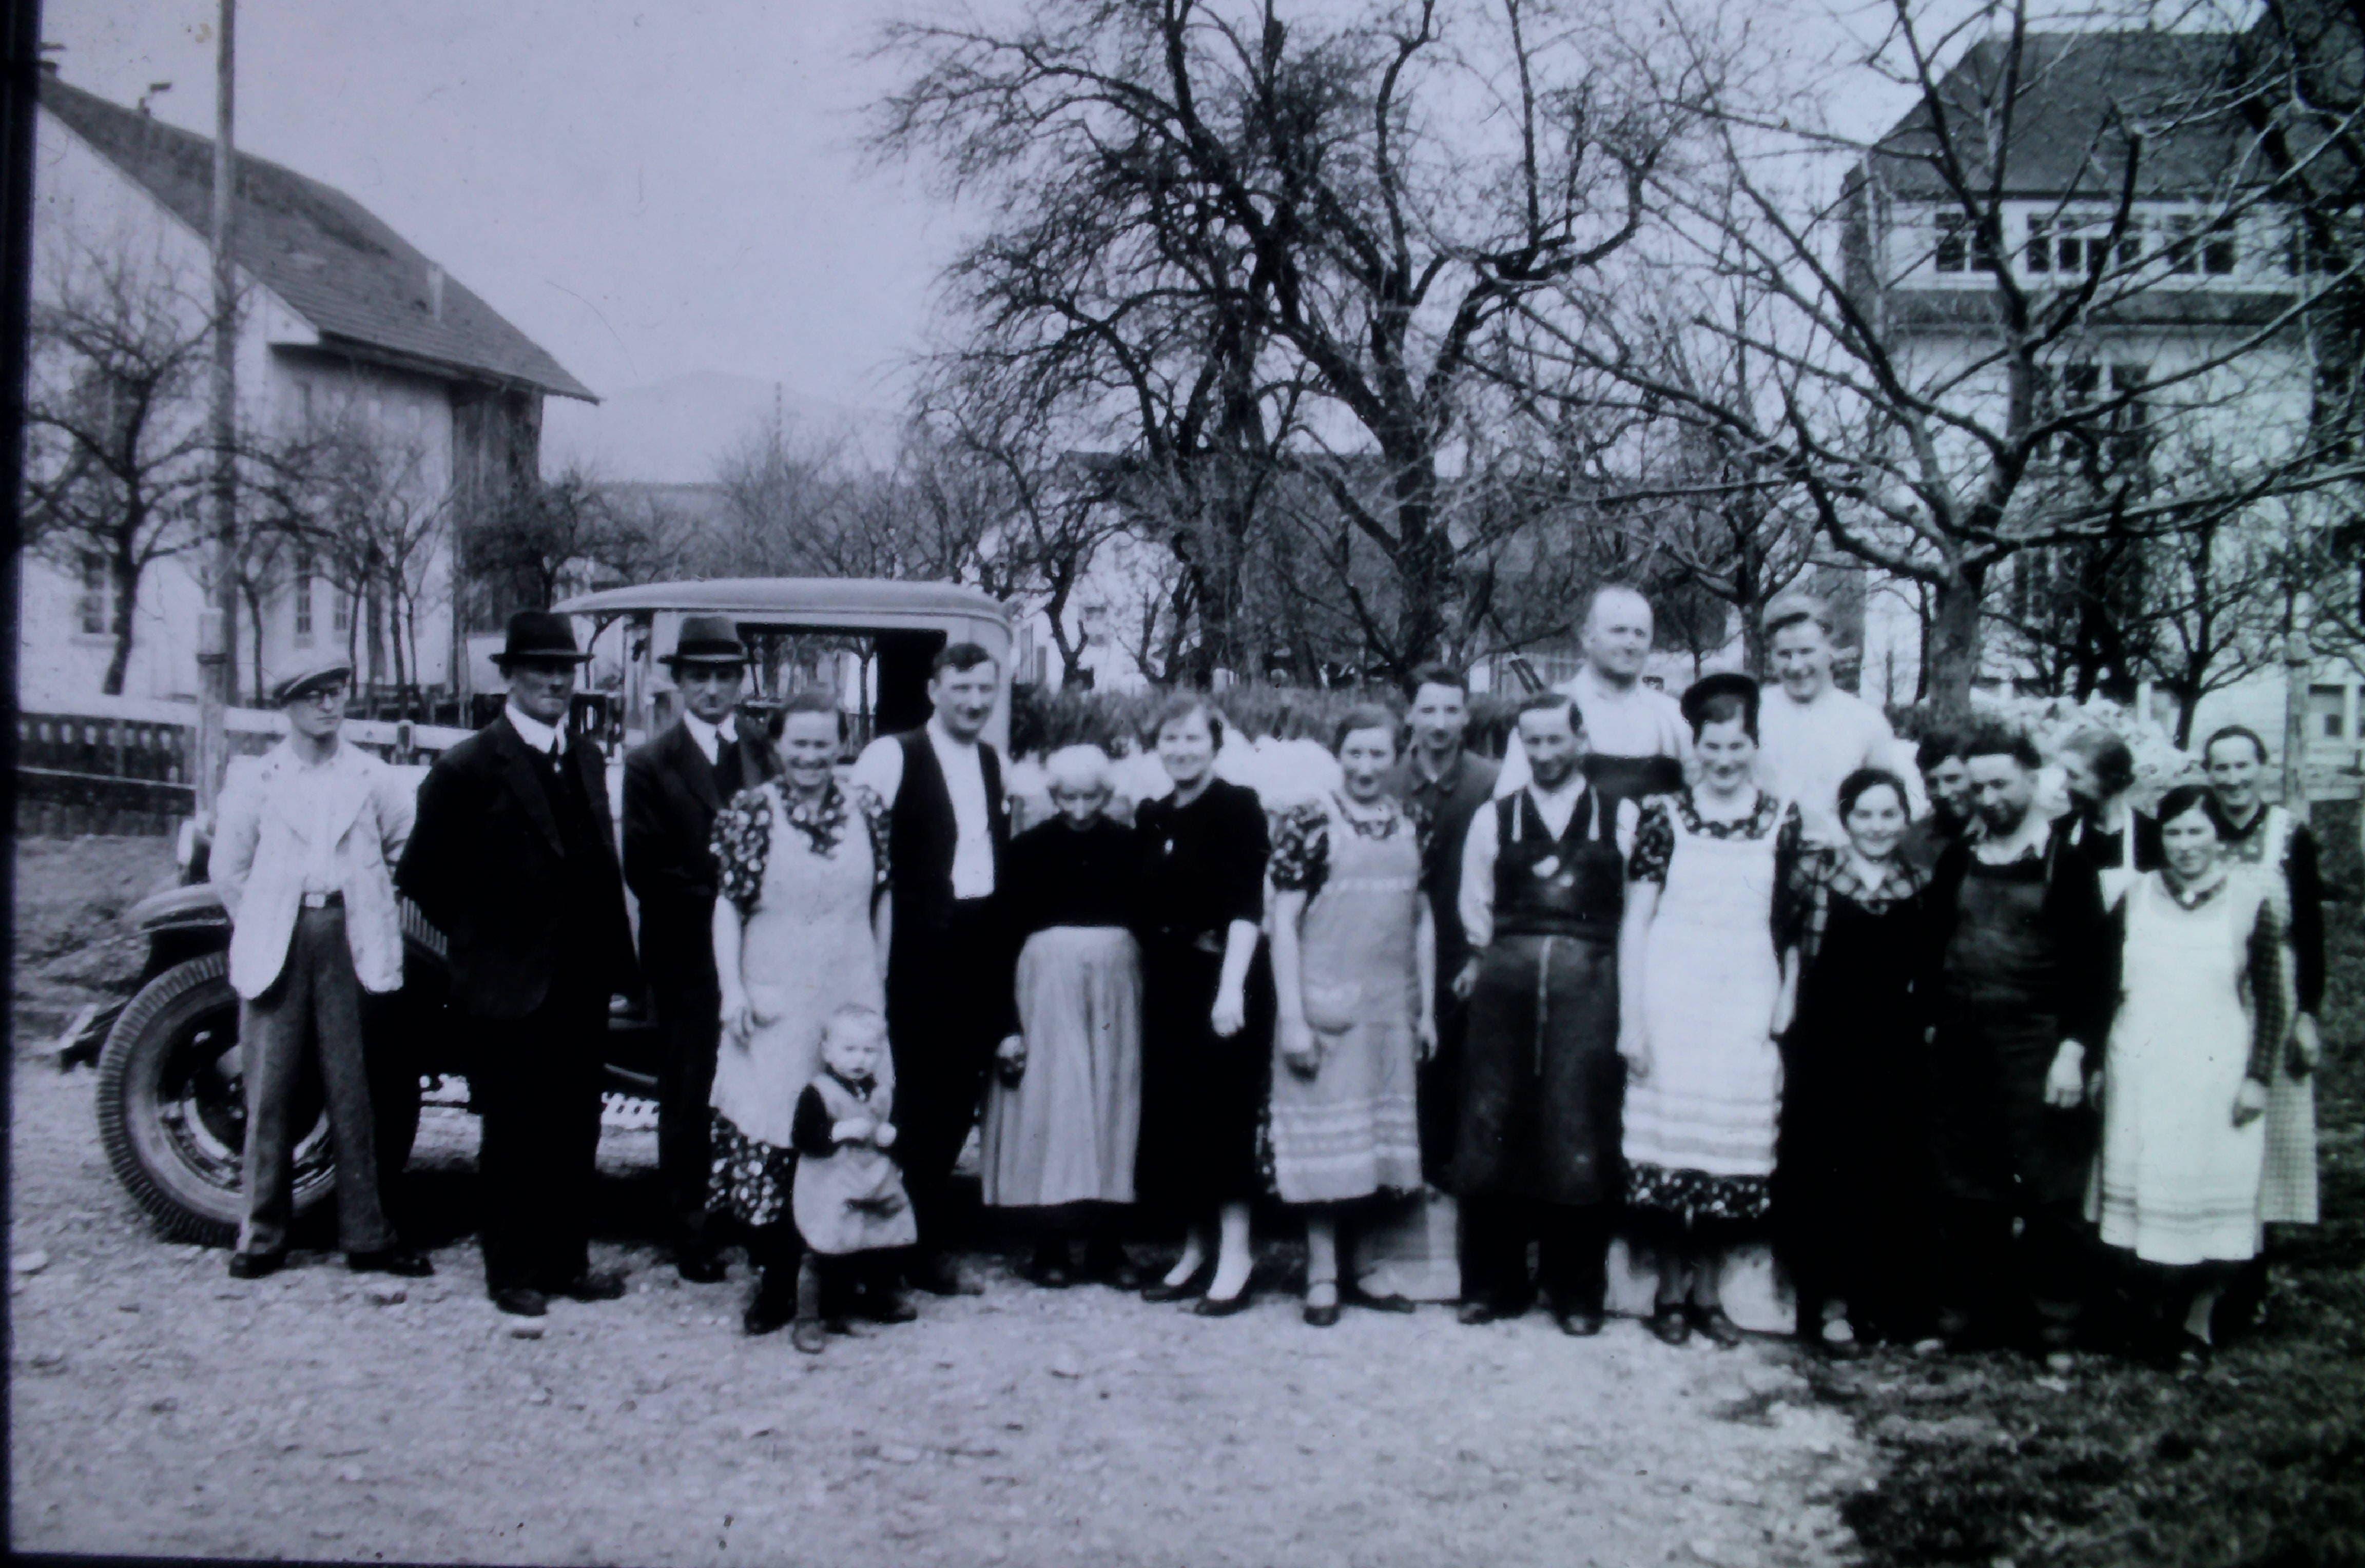 Gründer Albert Meier (5.v.r.) gründete die Rebschule Meier 1921. Das Bild zeigt ihn mit der Familie.